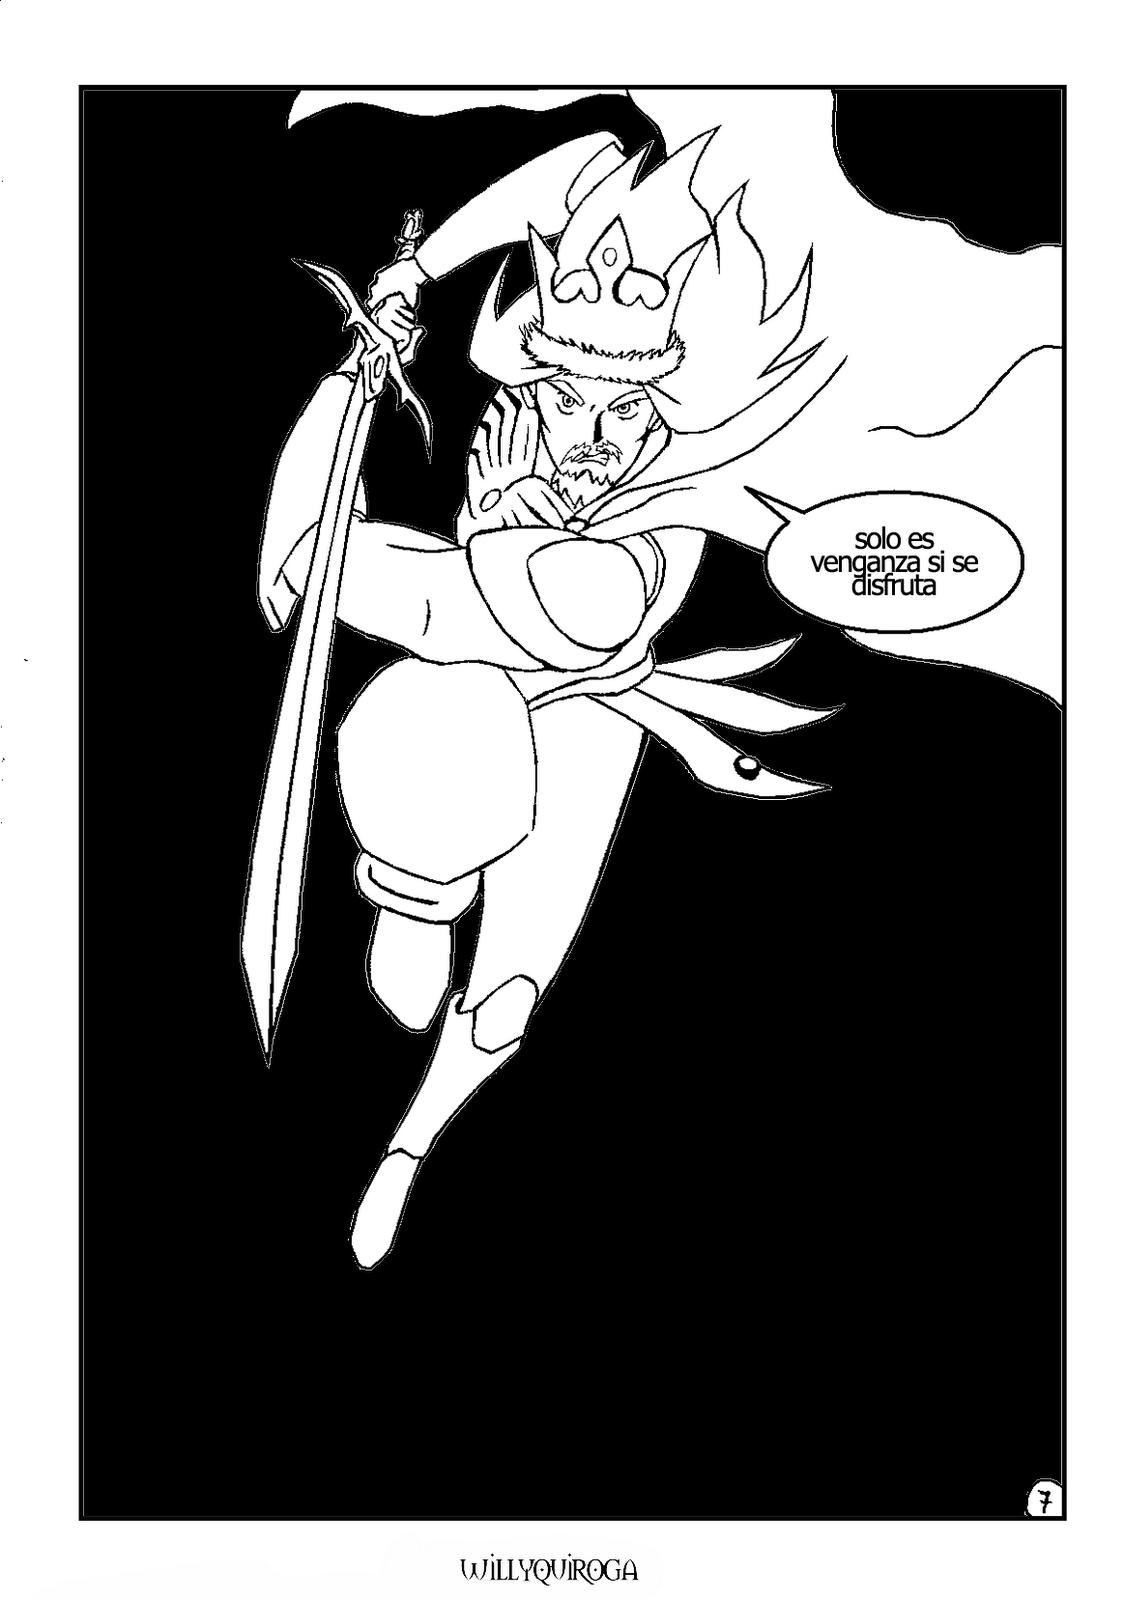 el original tomo2- cap1 - tres años despues (comic propio)